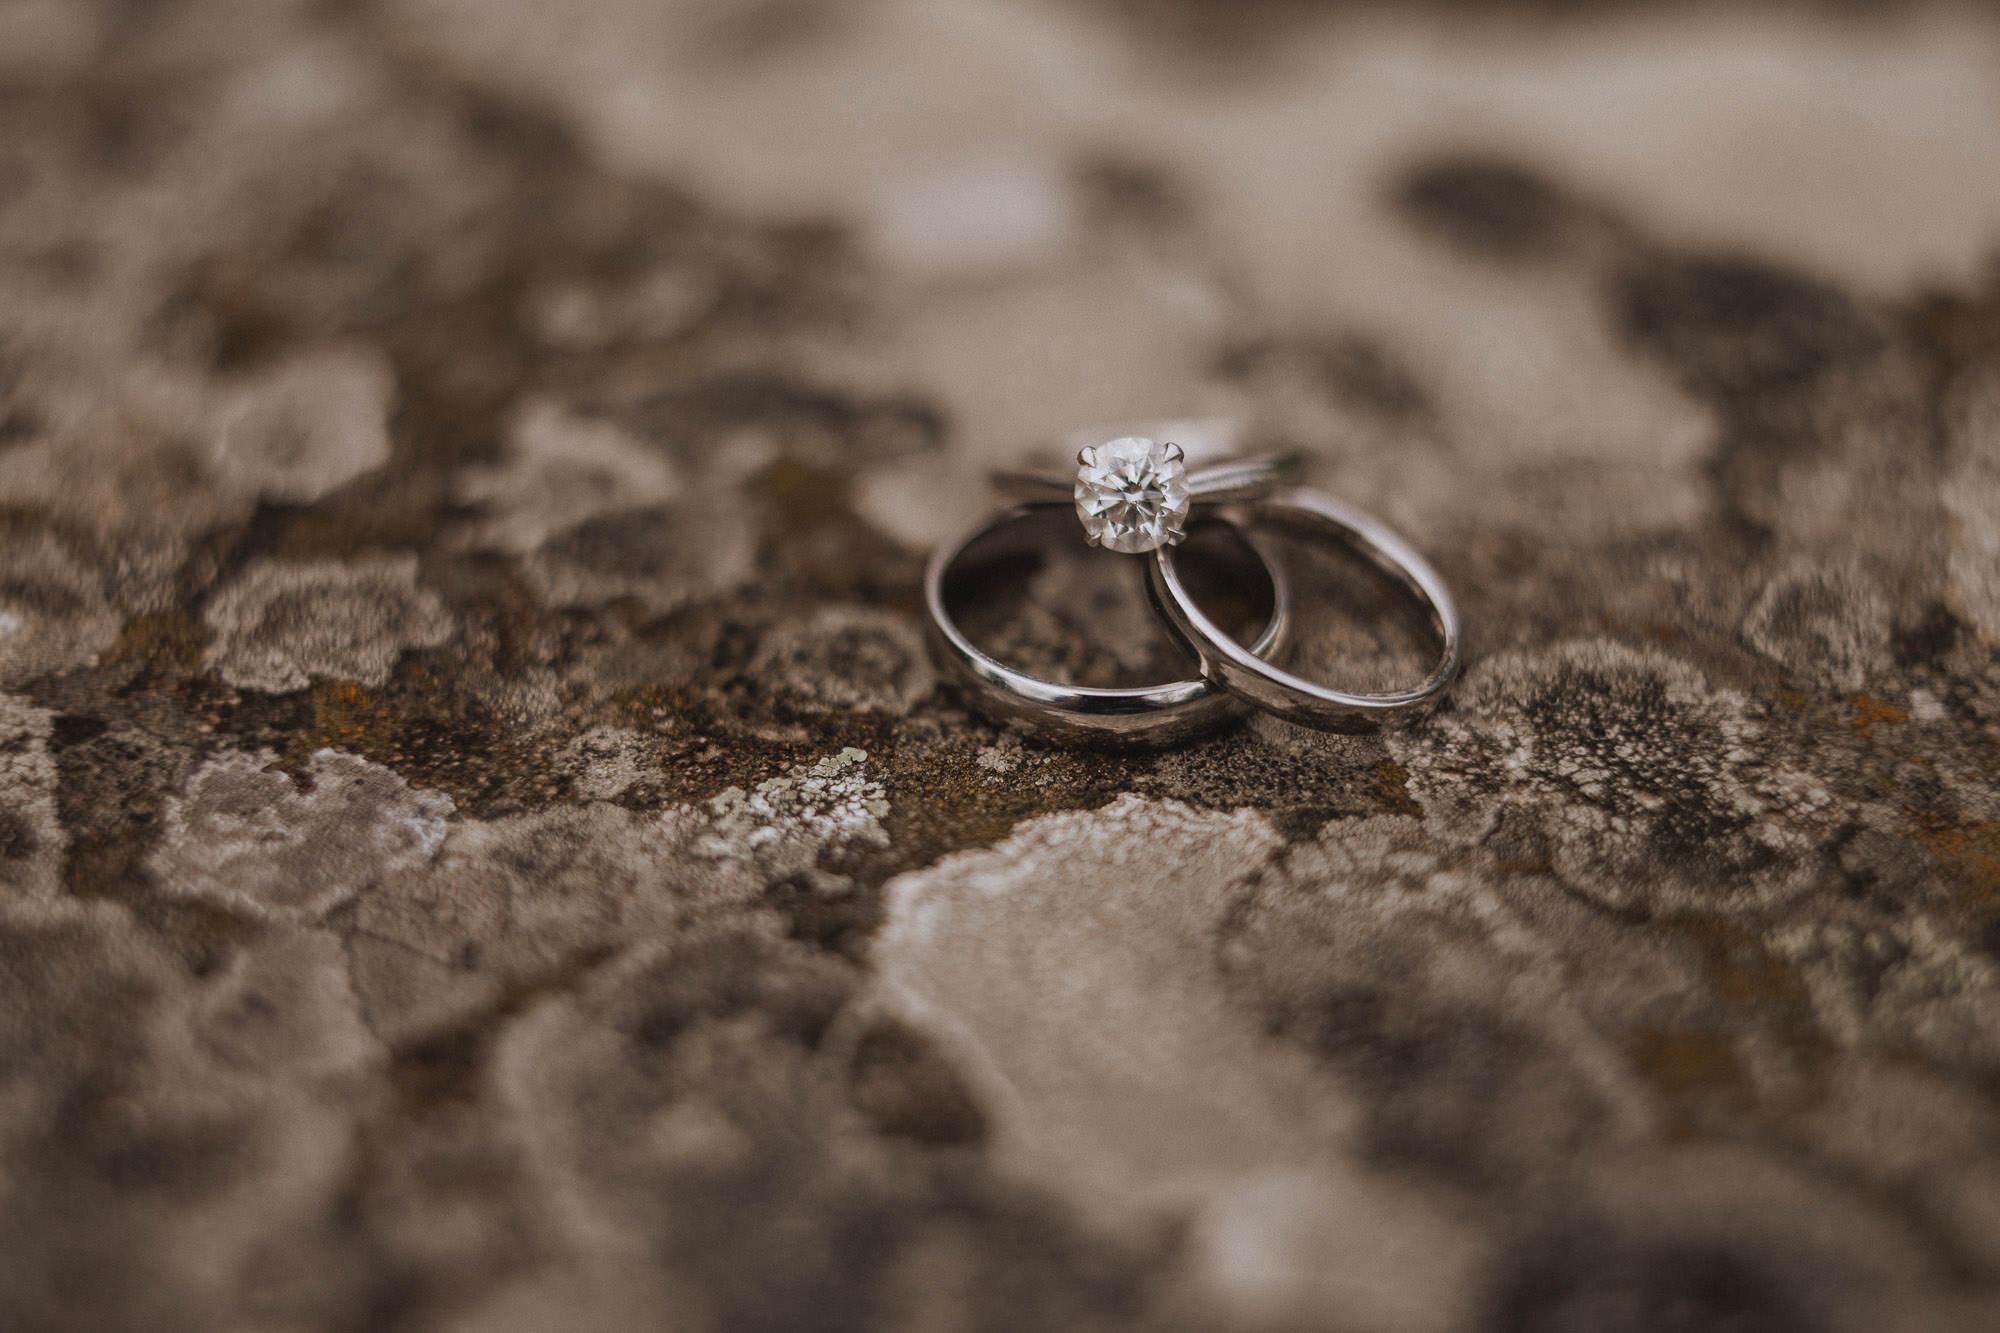 Groombridge-place-wedding-photography-87.jpg